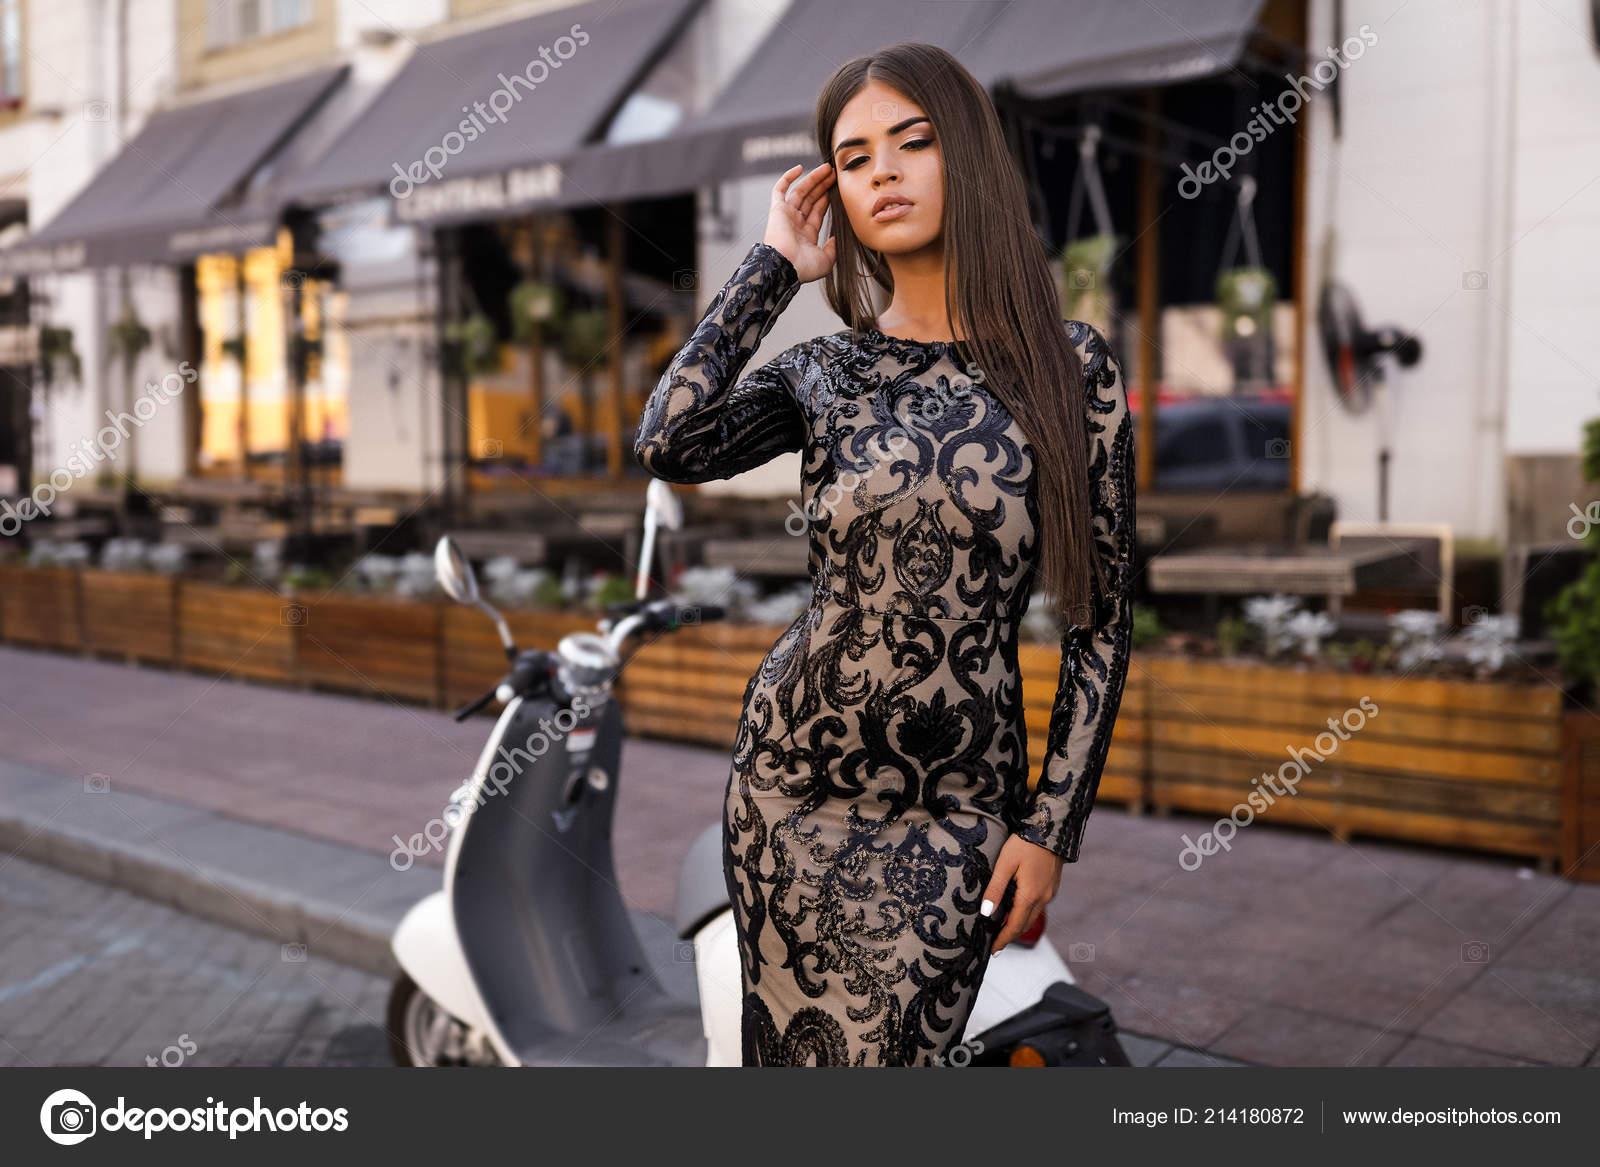 e9191d86f5d968 Superbe Femme Sur Rue Mode Prise Vue Belle Fille Posant ...